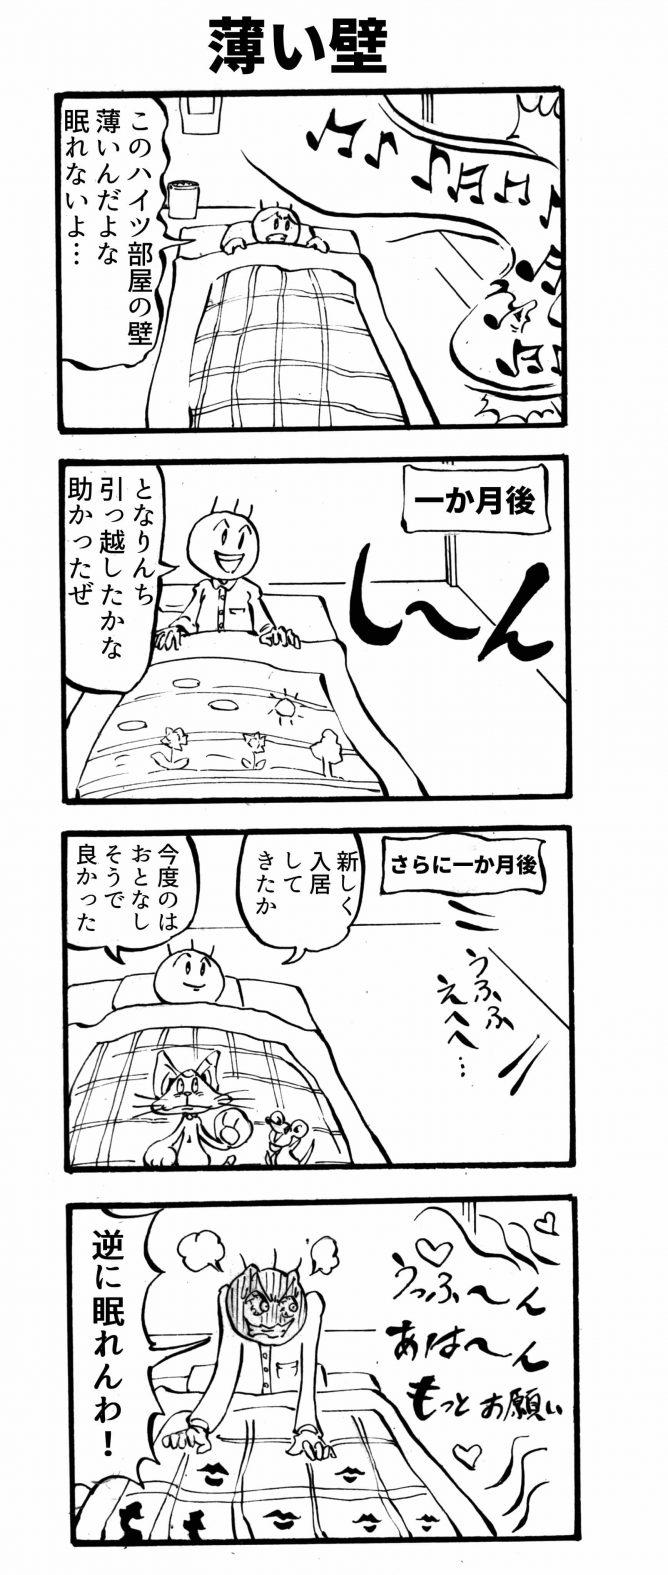 薄い壁 四コマ漫画